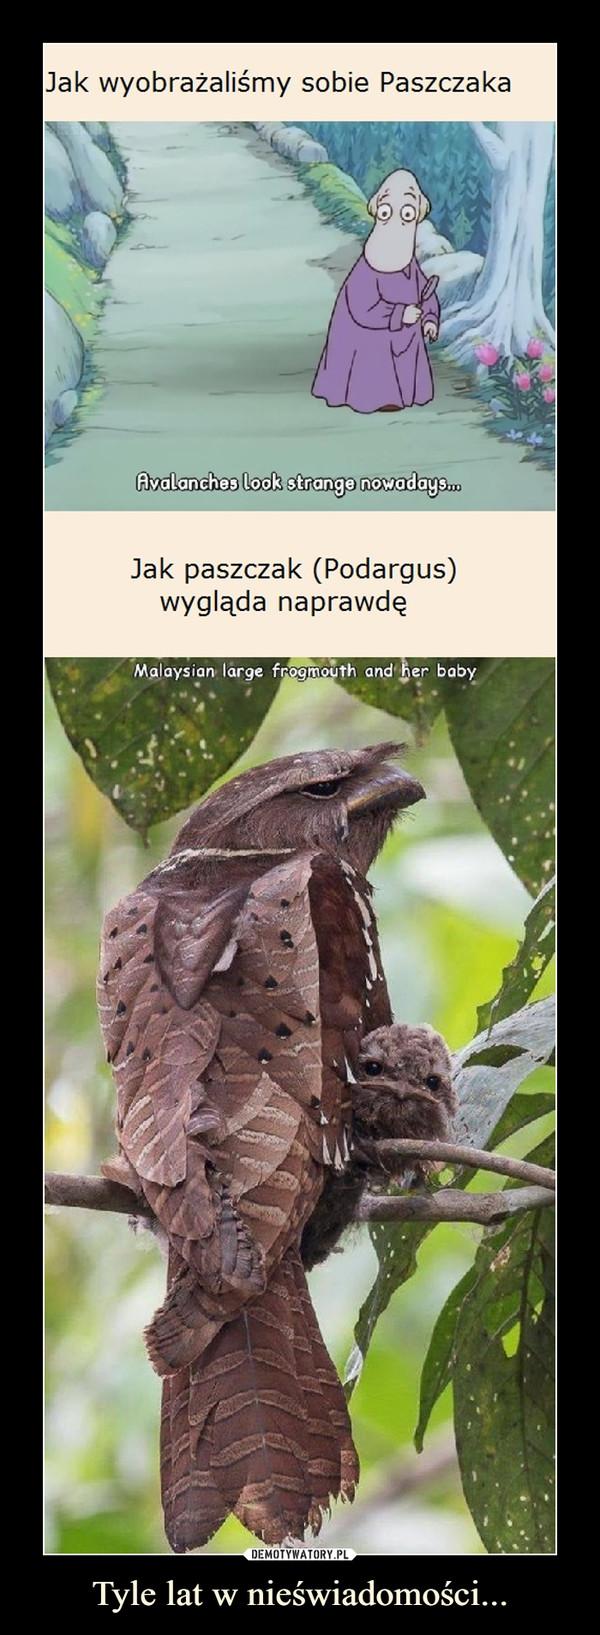 Tyle lat w nieświadomości... –  Jak wyobrażaliśmy sobie PaszczakaAvalanches look strange nowadays.Jak paszczak (Podargus)wygląda naprawdęMalaysian large frogmouth and her baby